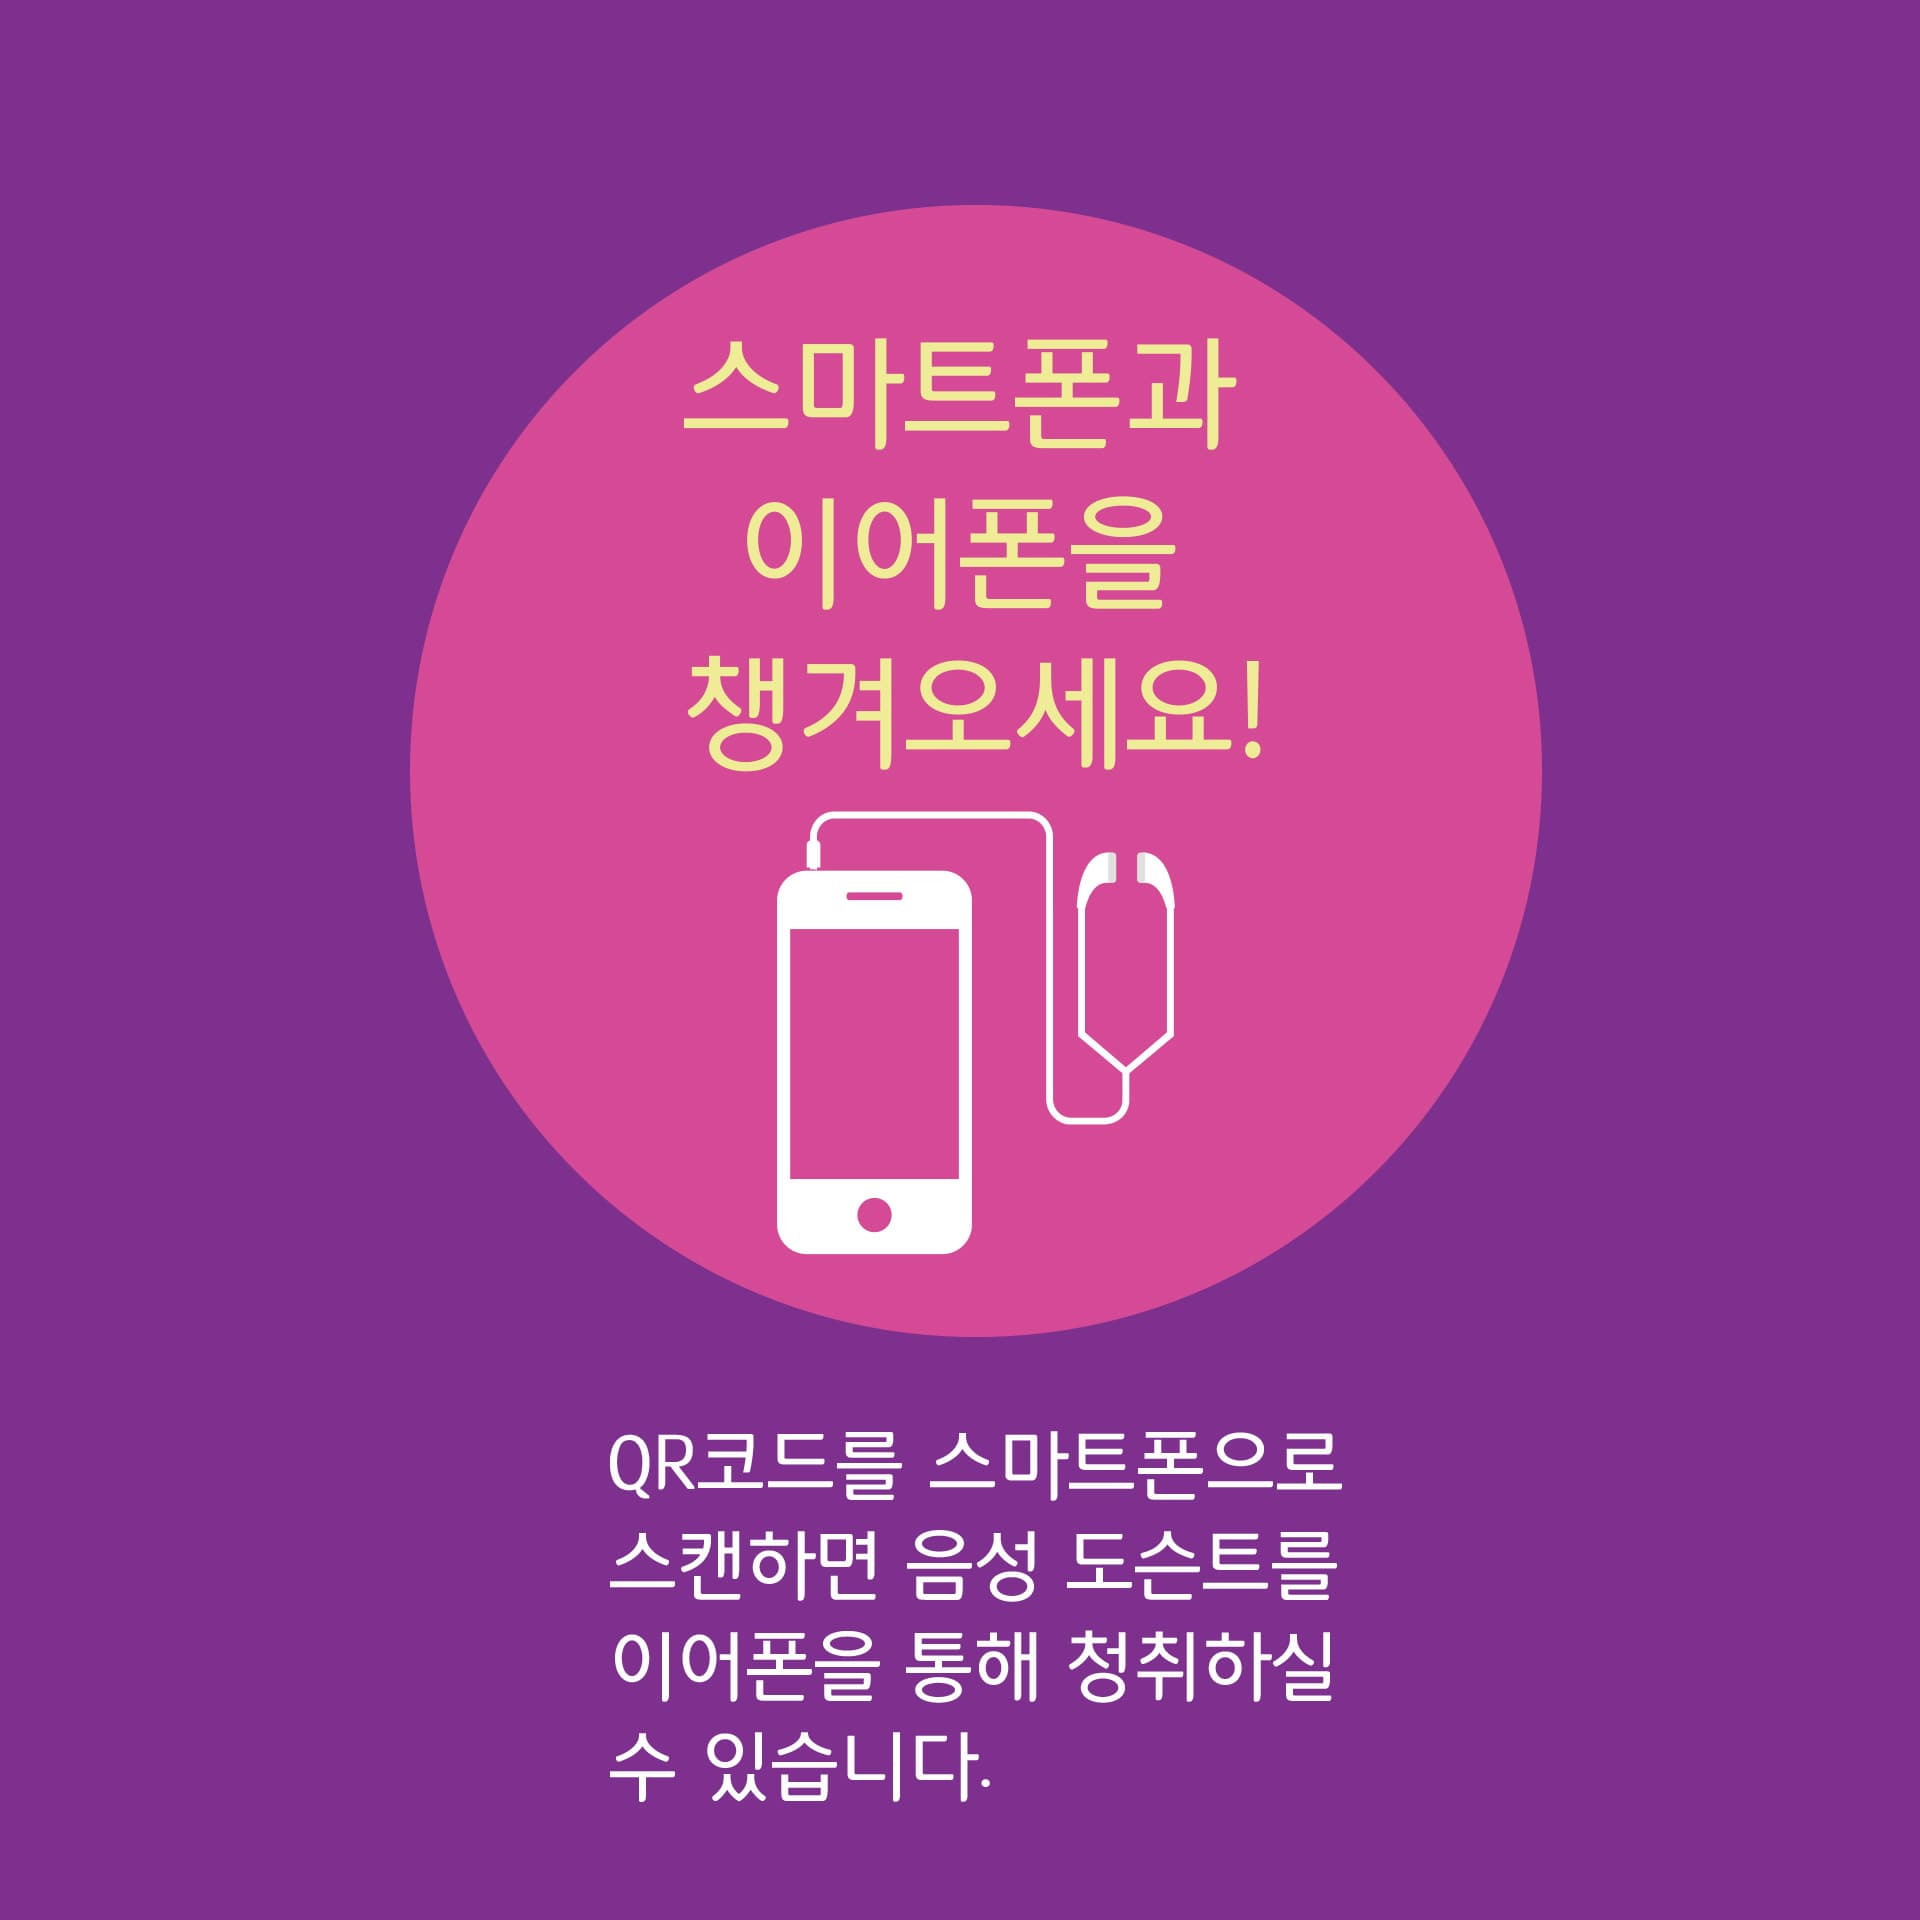 스마트폰과 이어폰을 챙겨오세요! QR코드를 스마트폰으로 스캔하면 음성 도슨트를 이어폰을 통해 청취하실 수 있습니다.